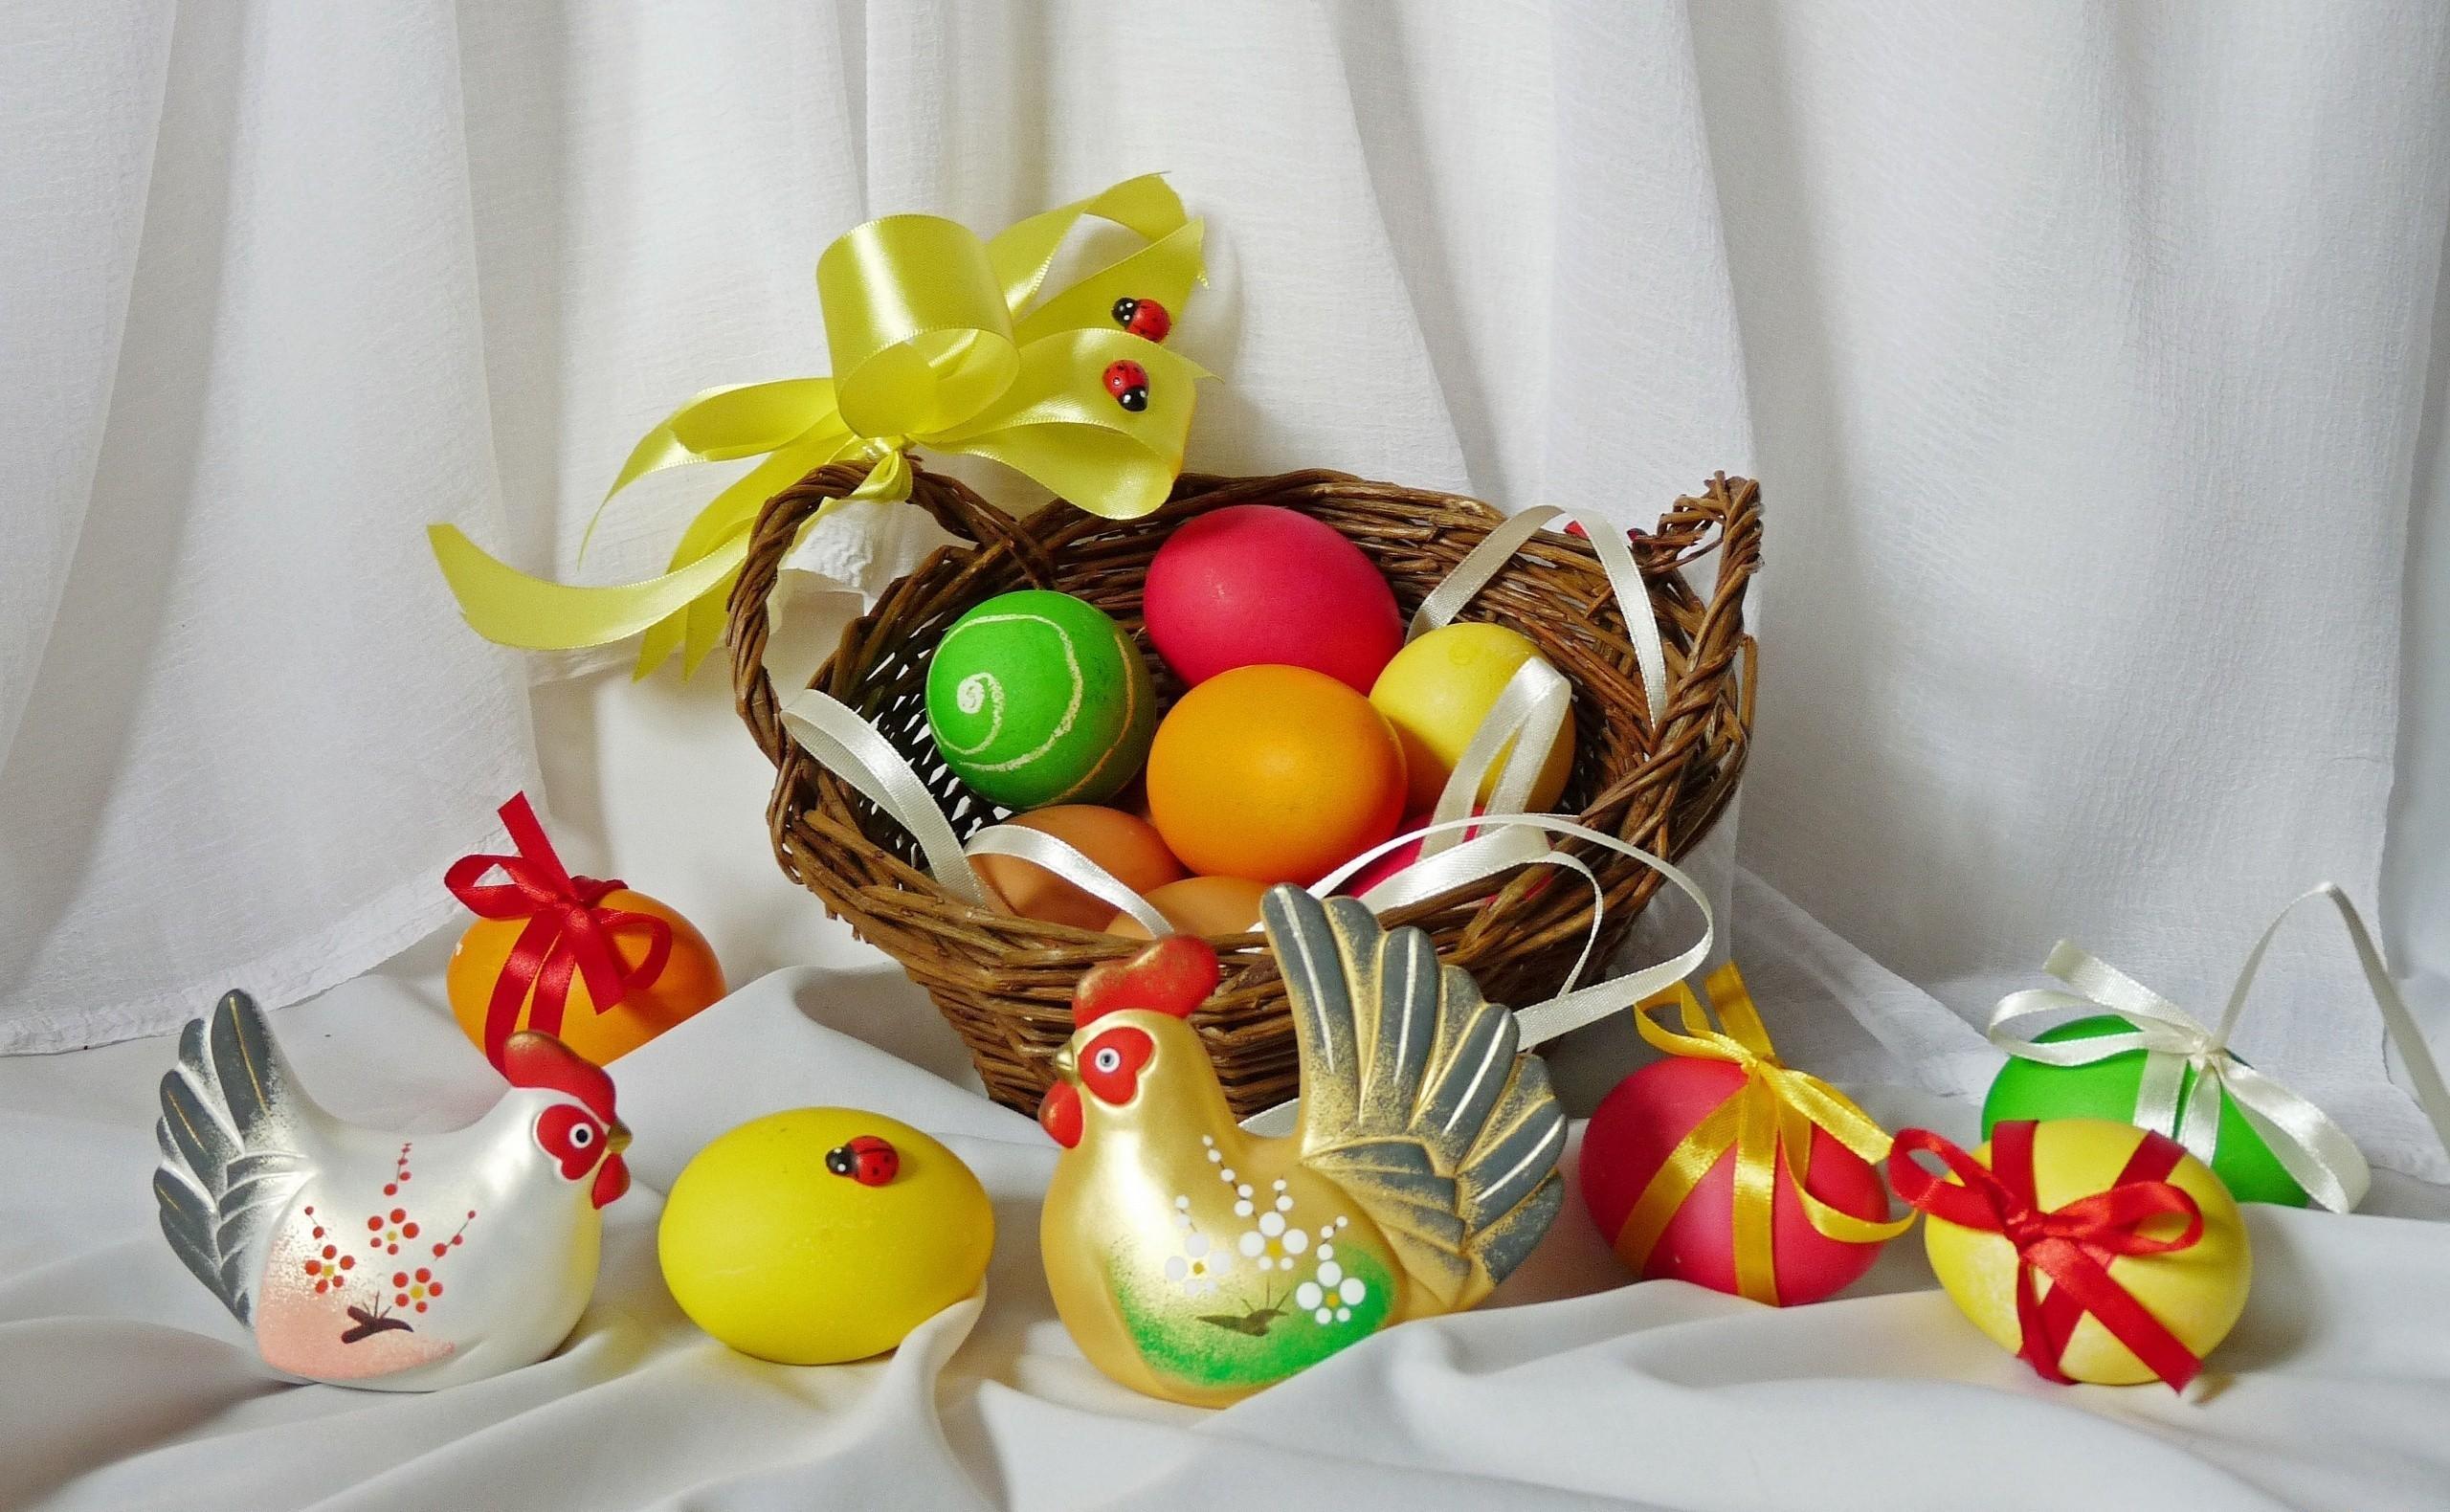 65531 скачать обои Праздники, Яйца, Пасха, Божьи Коровки, Праздник, Корзина, Банты, Курица, Петух - заставки и картинки бесплатно